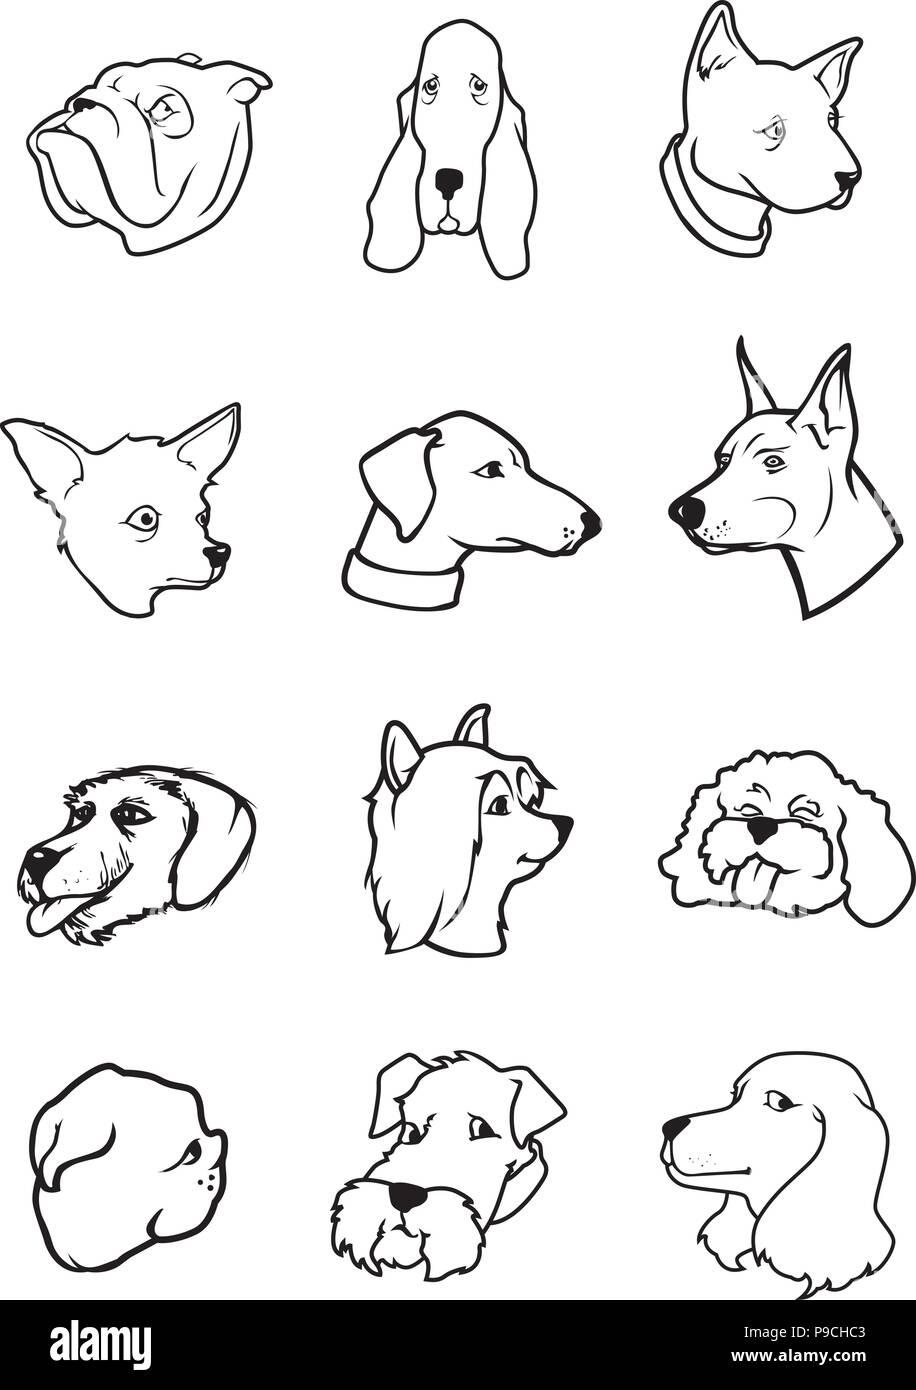 Ilustración Vectorial De Dibujos Animados De Perro Blanco Y Negro